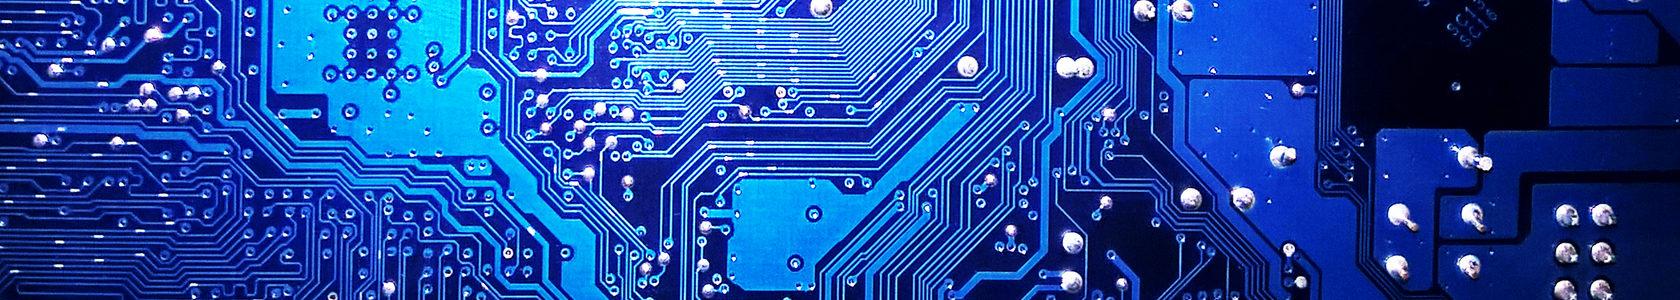 Naprawa komputerów Niemodlin, Serwis komputerów Niemodlin